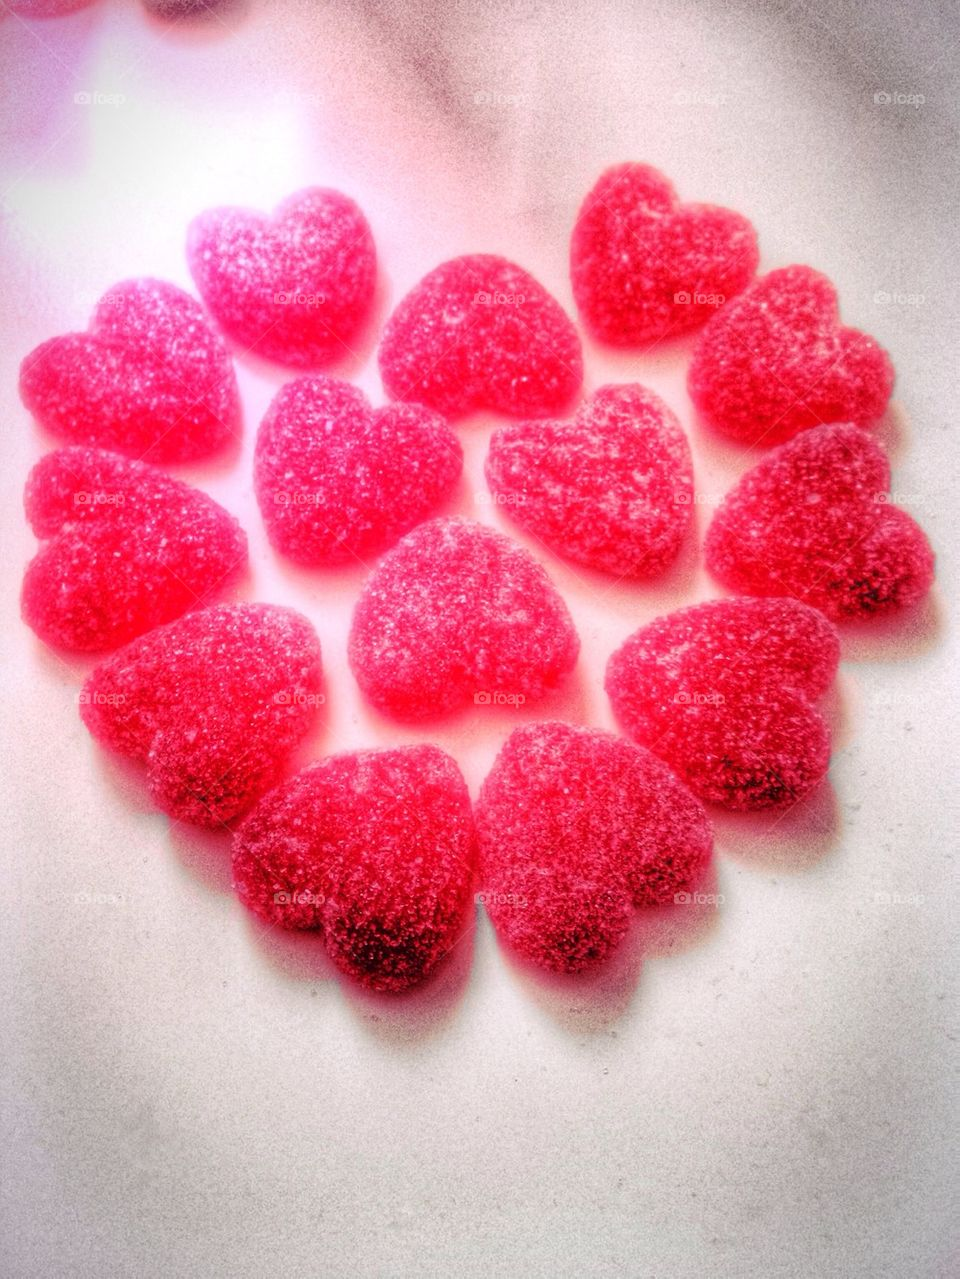 Jellyhearts as A Heart